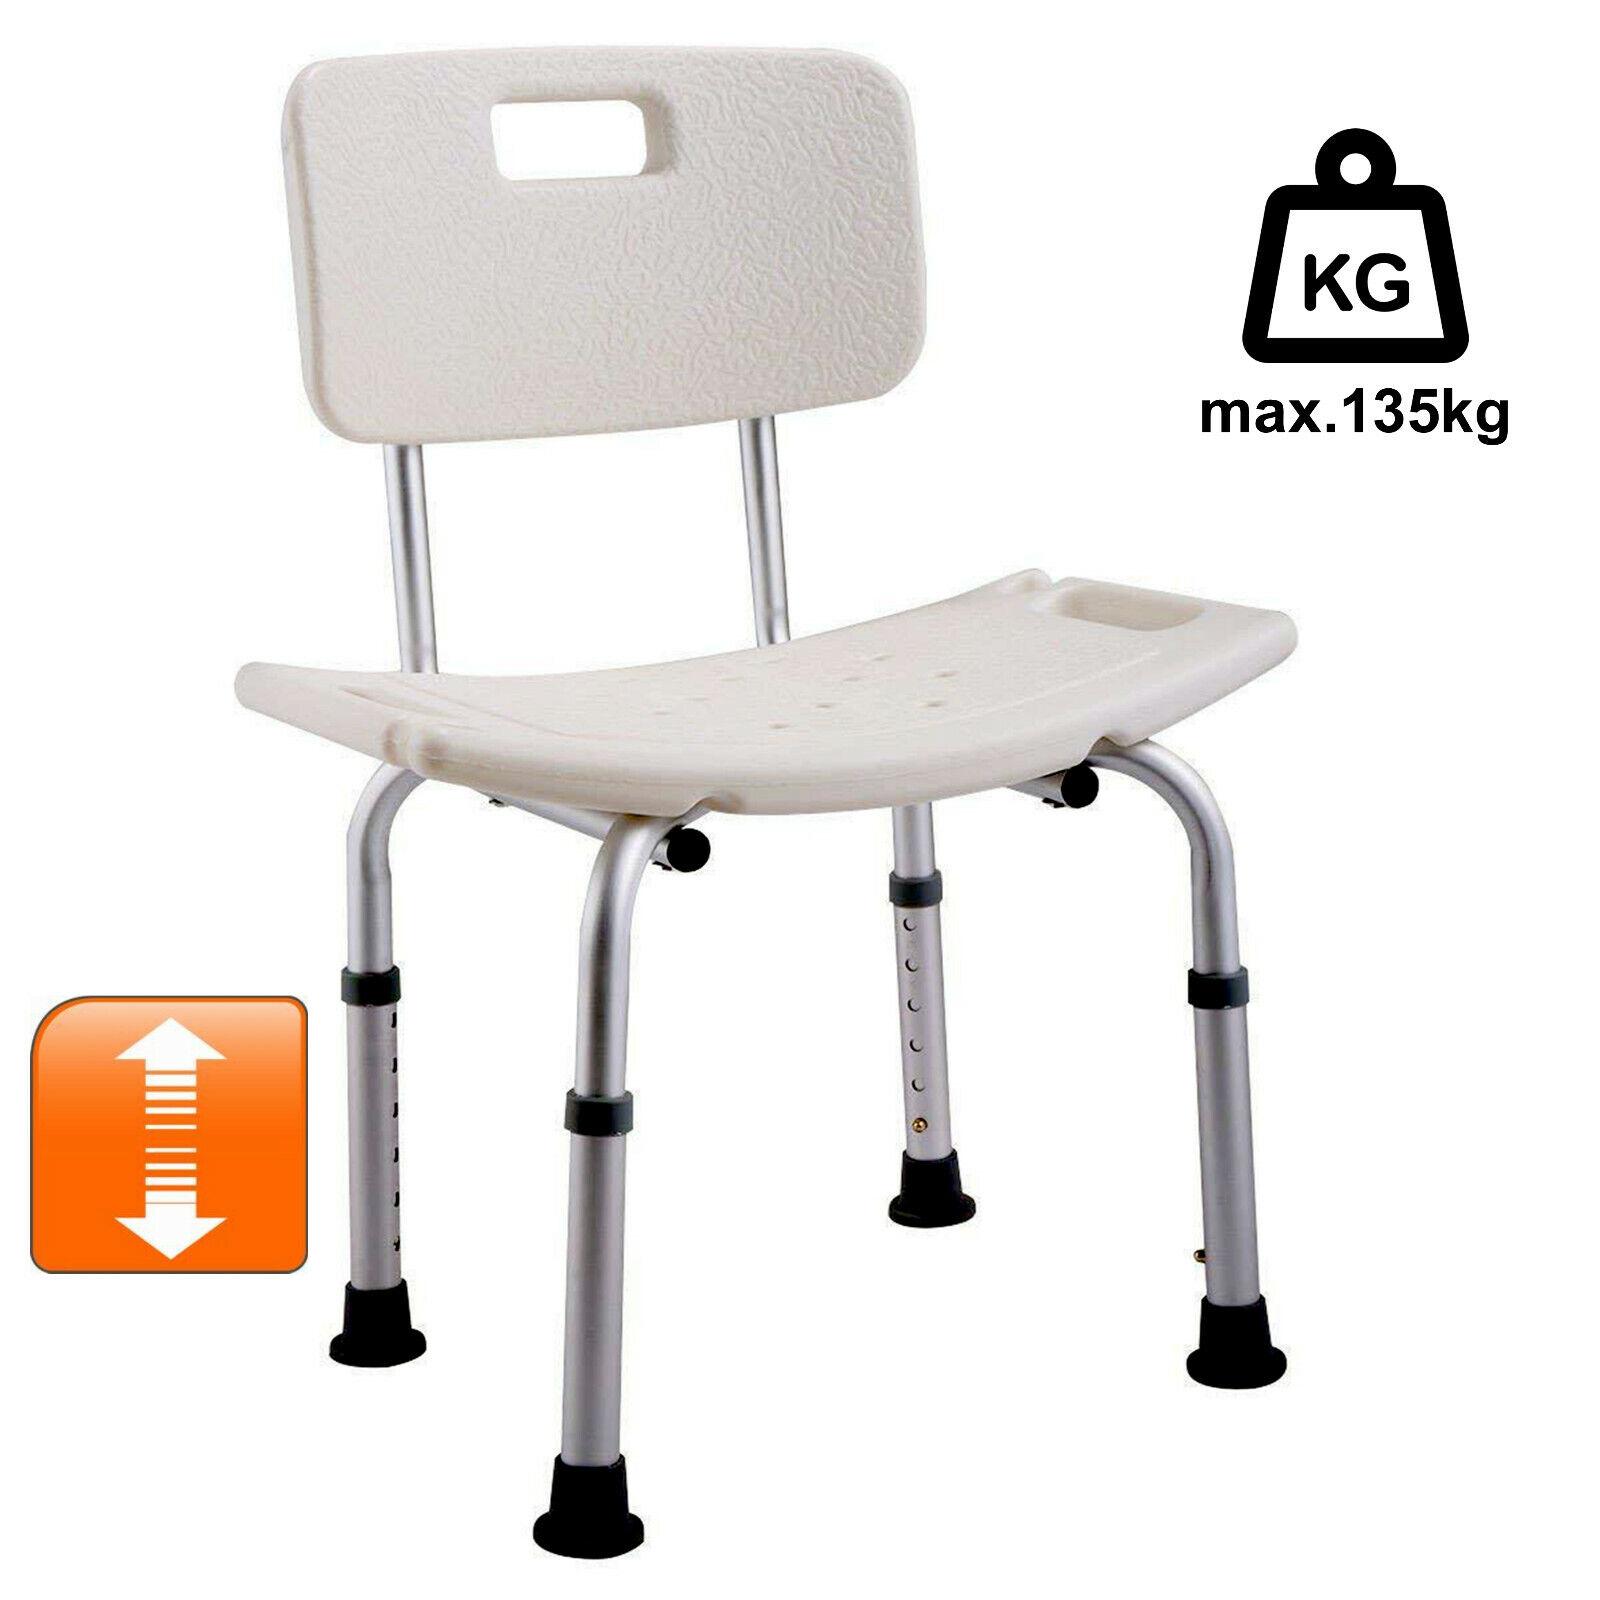 Duschhocker/-stuhl höhenverstellbar mit/ohne Lehne